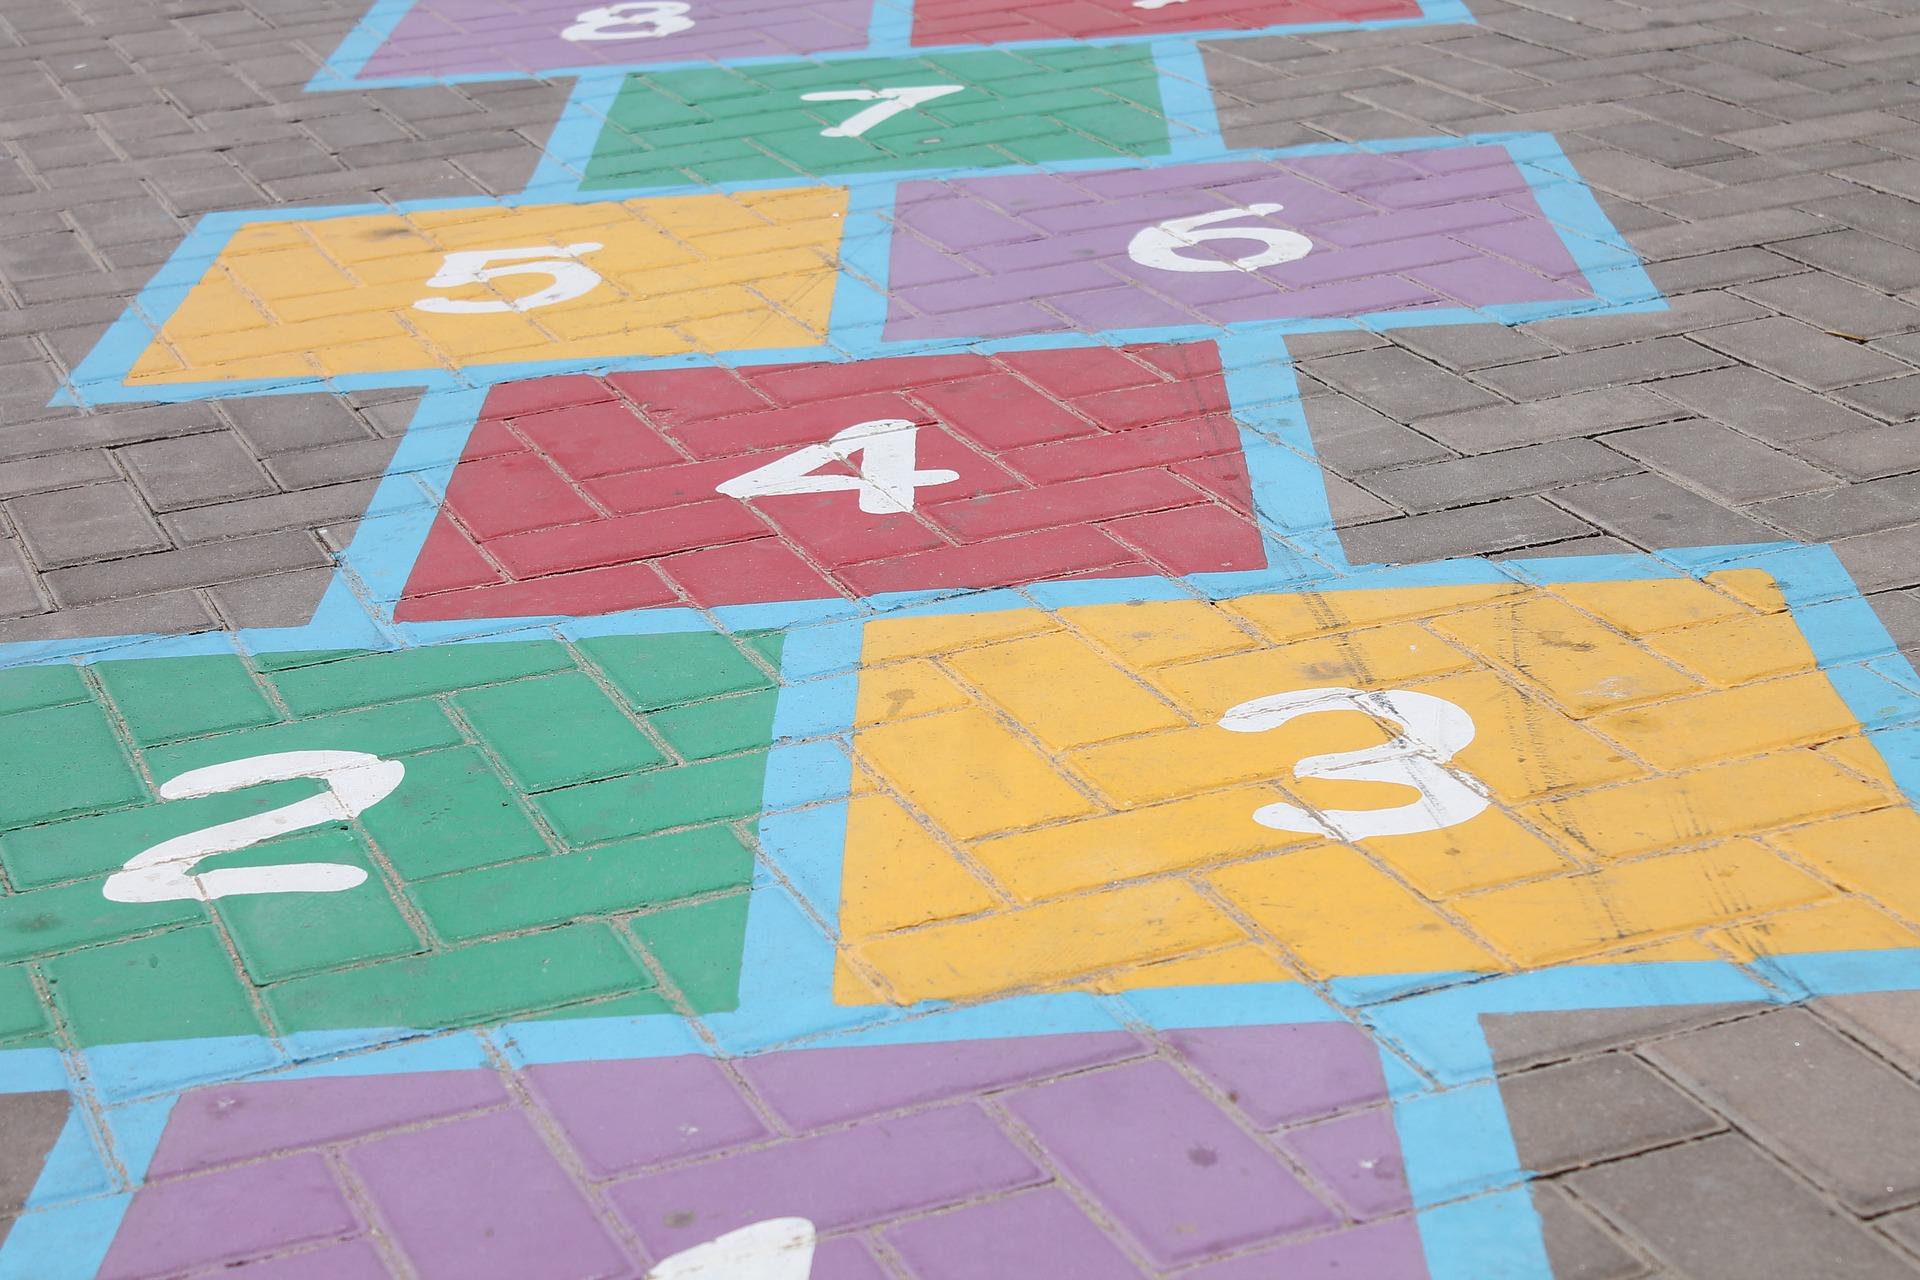 giochi per bambini con gessetti colorati campana